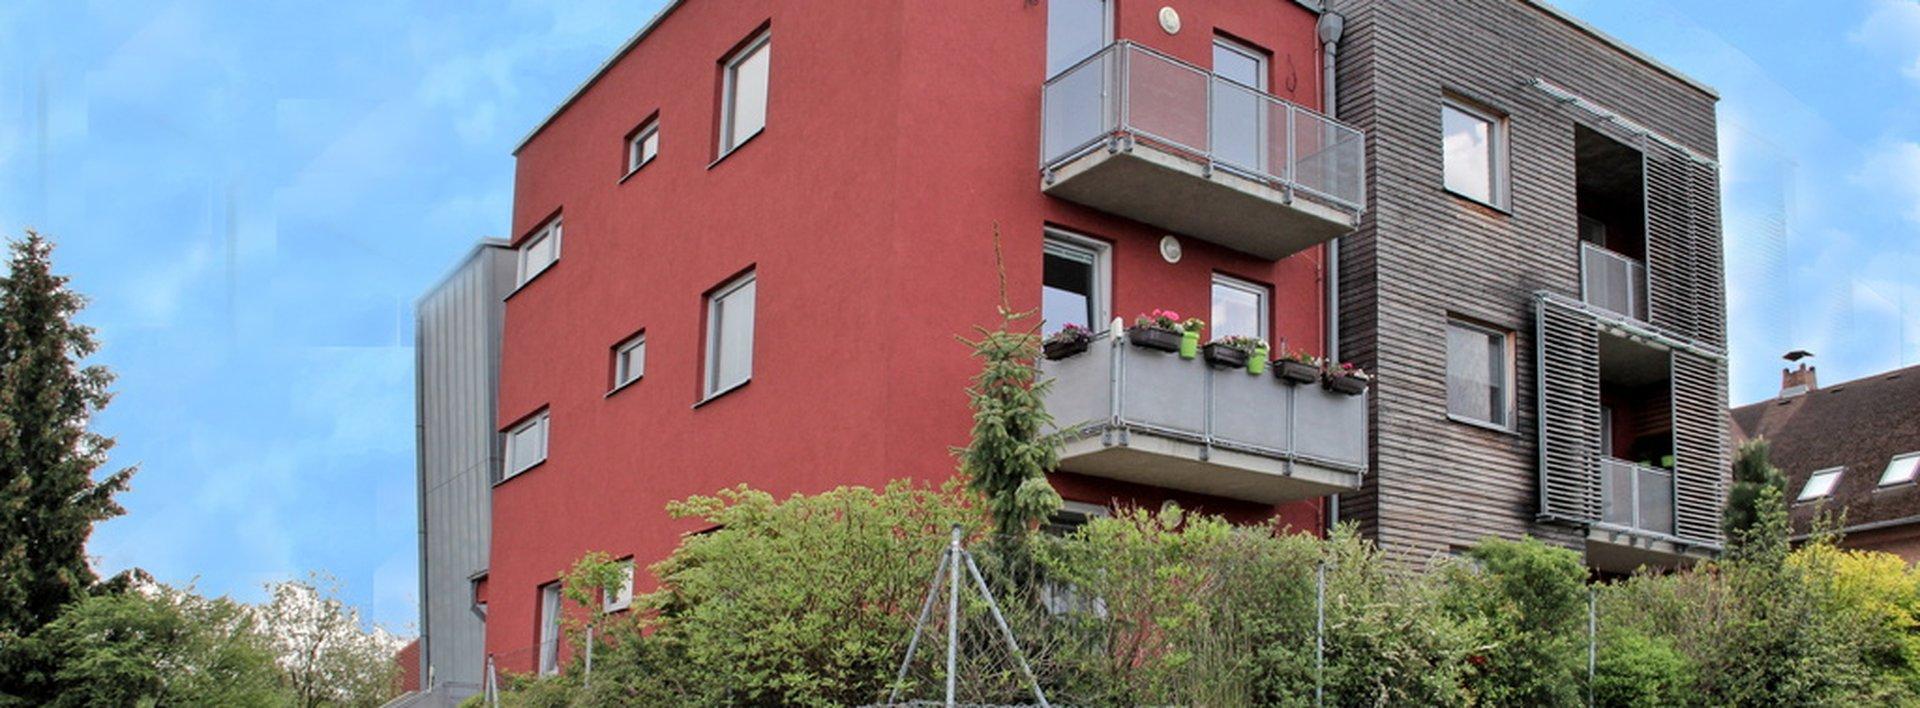 Prodej nadstandardního bytu 2+kk, 60 m² v novostavbě, včetně parkovacího stání, Ev.č.: N47707